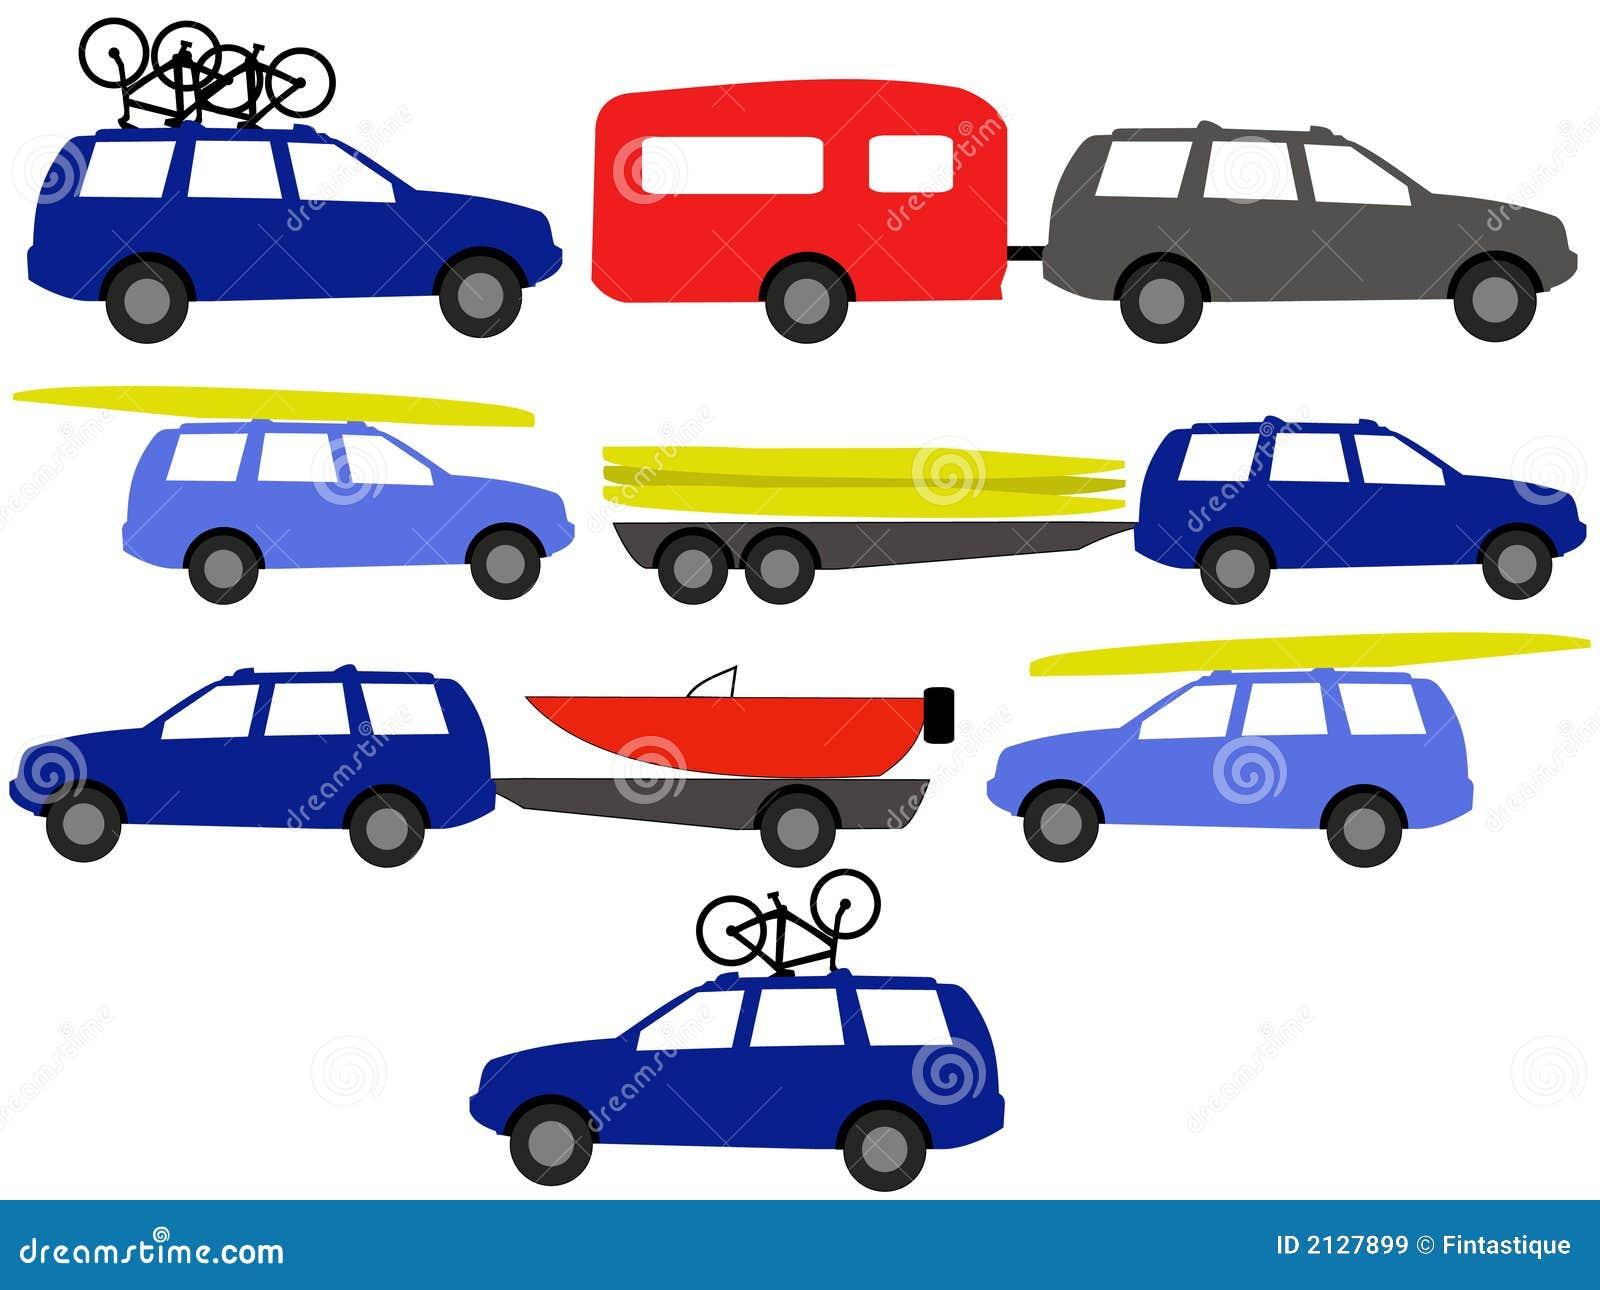 Recreation vehicles